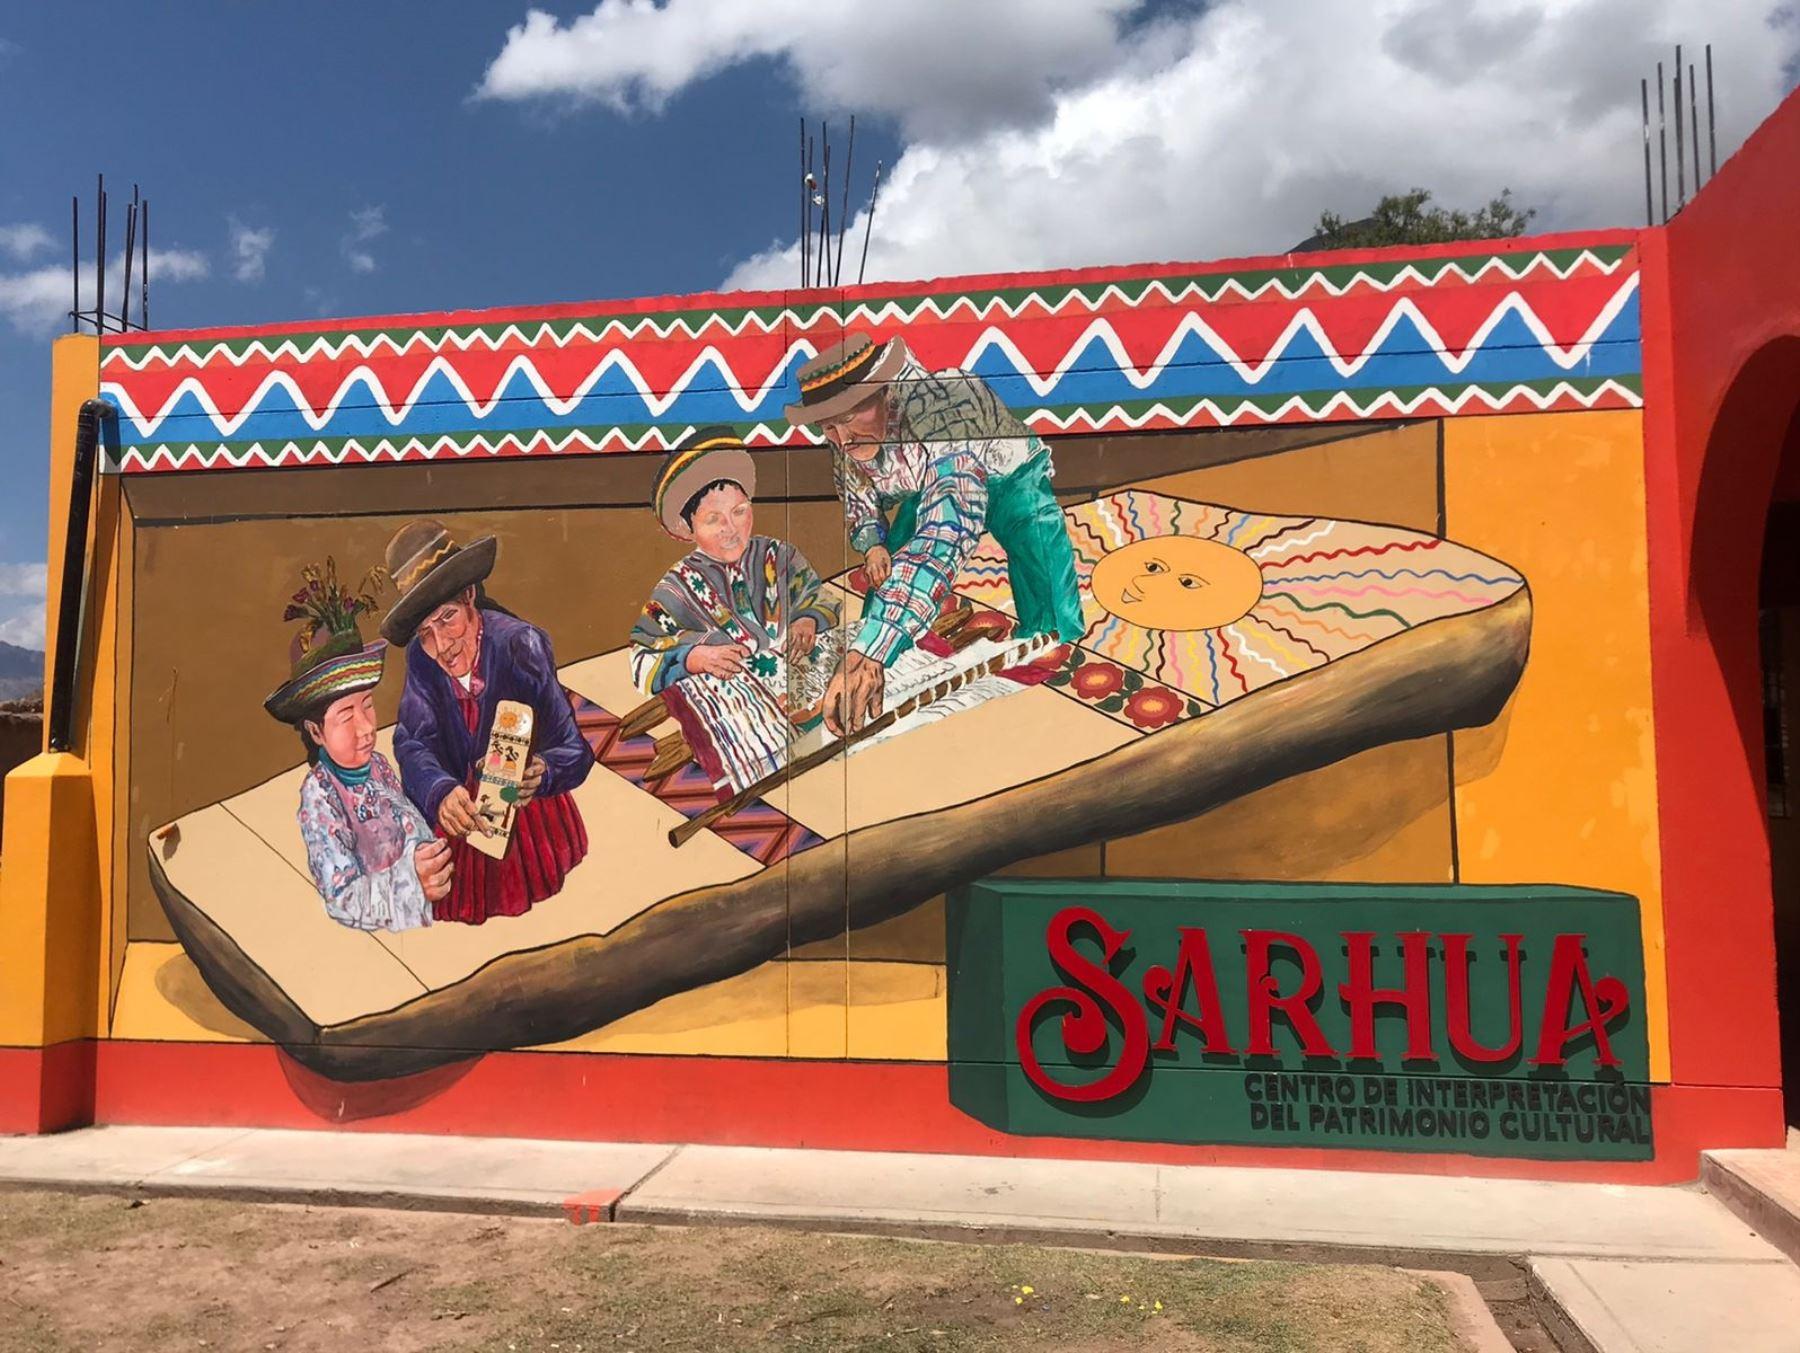 Ayacucho: Unesco inaugura centro de interpretación del patrimonio cultural en Sarhua